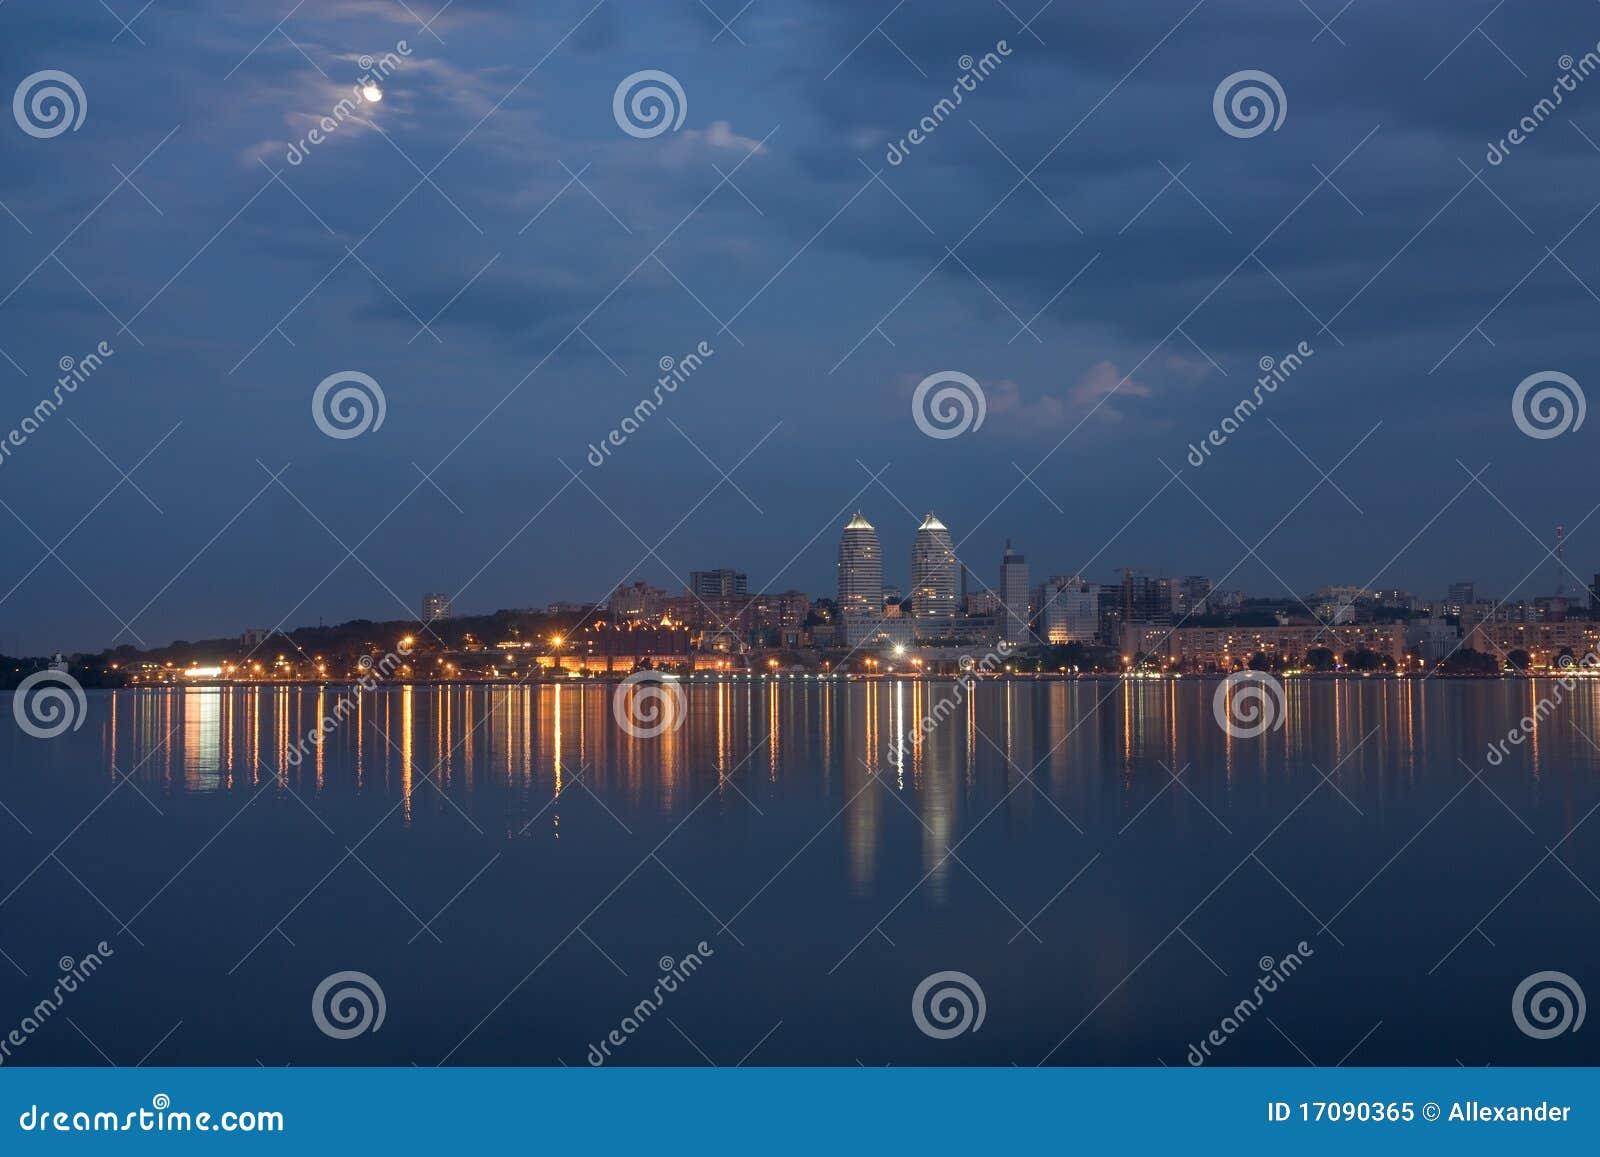 De stad van de avond